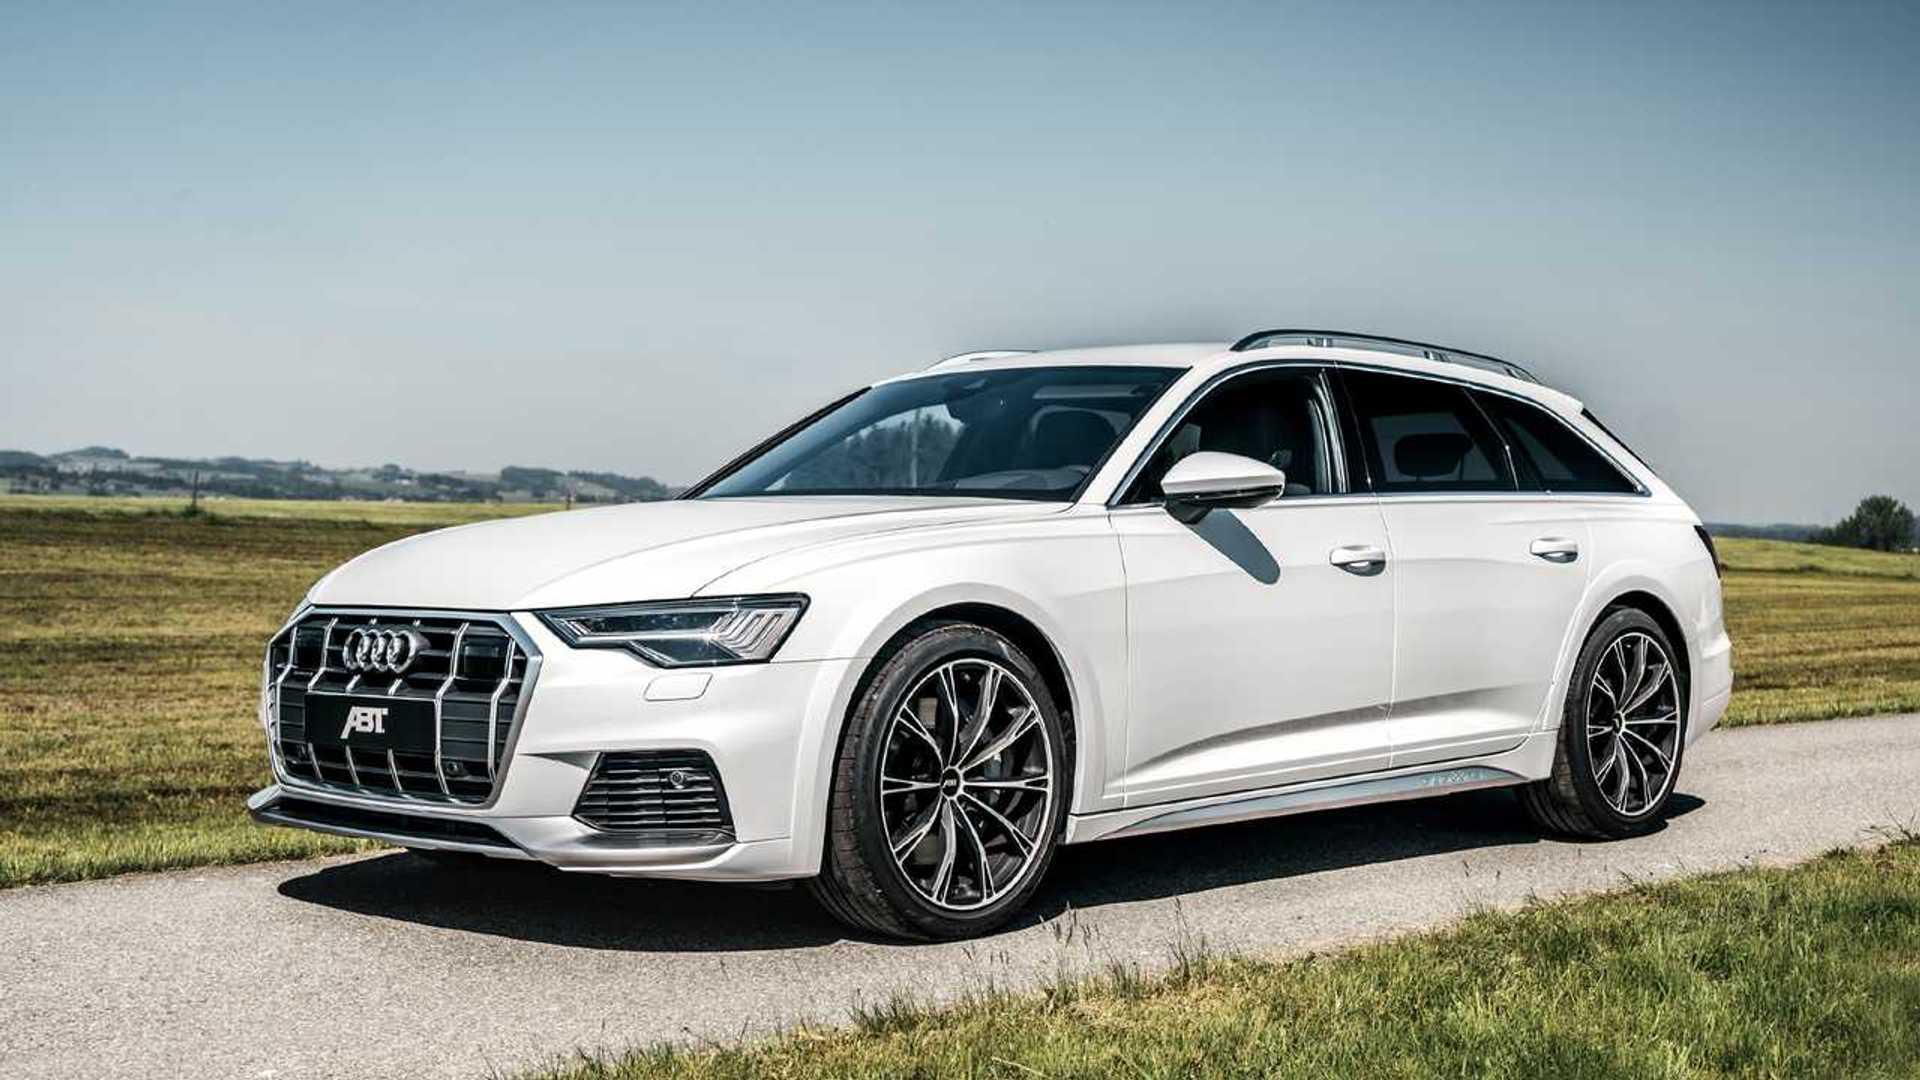 Kelebihan Kekurangan Audi A6 Top Model Tahun Ini